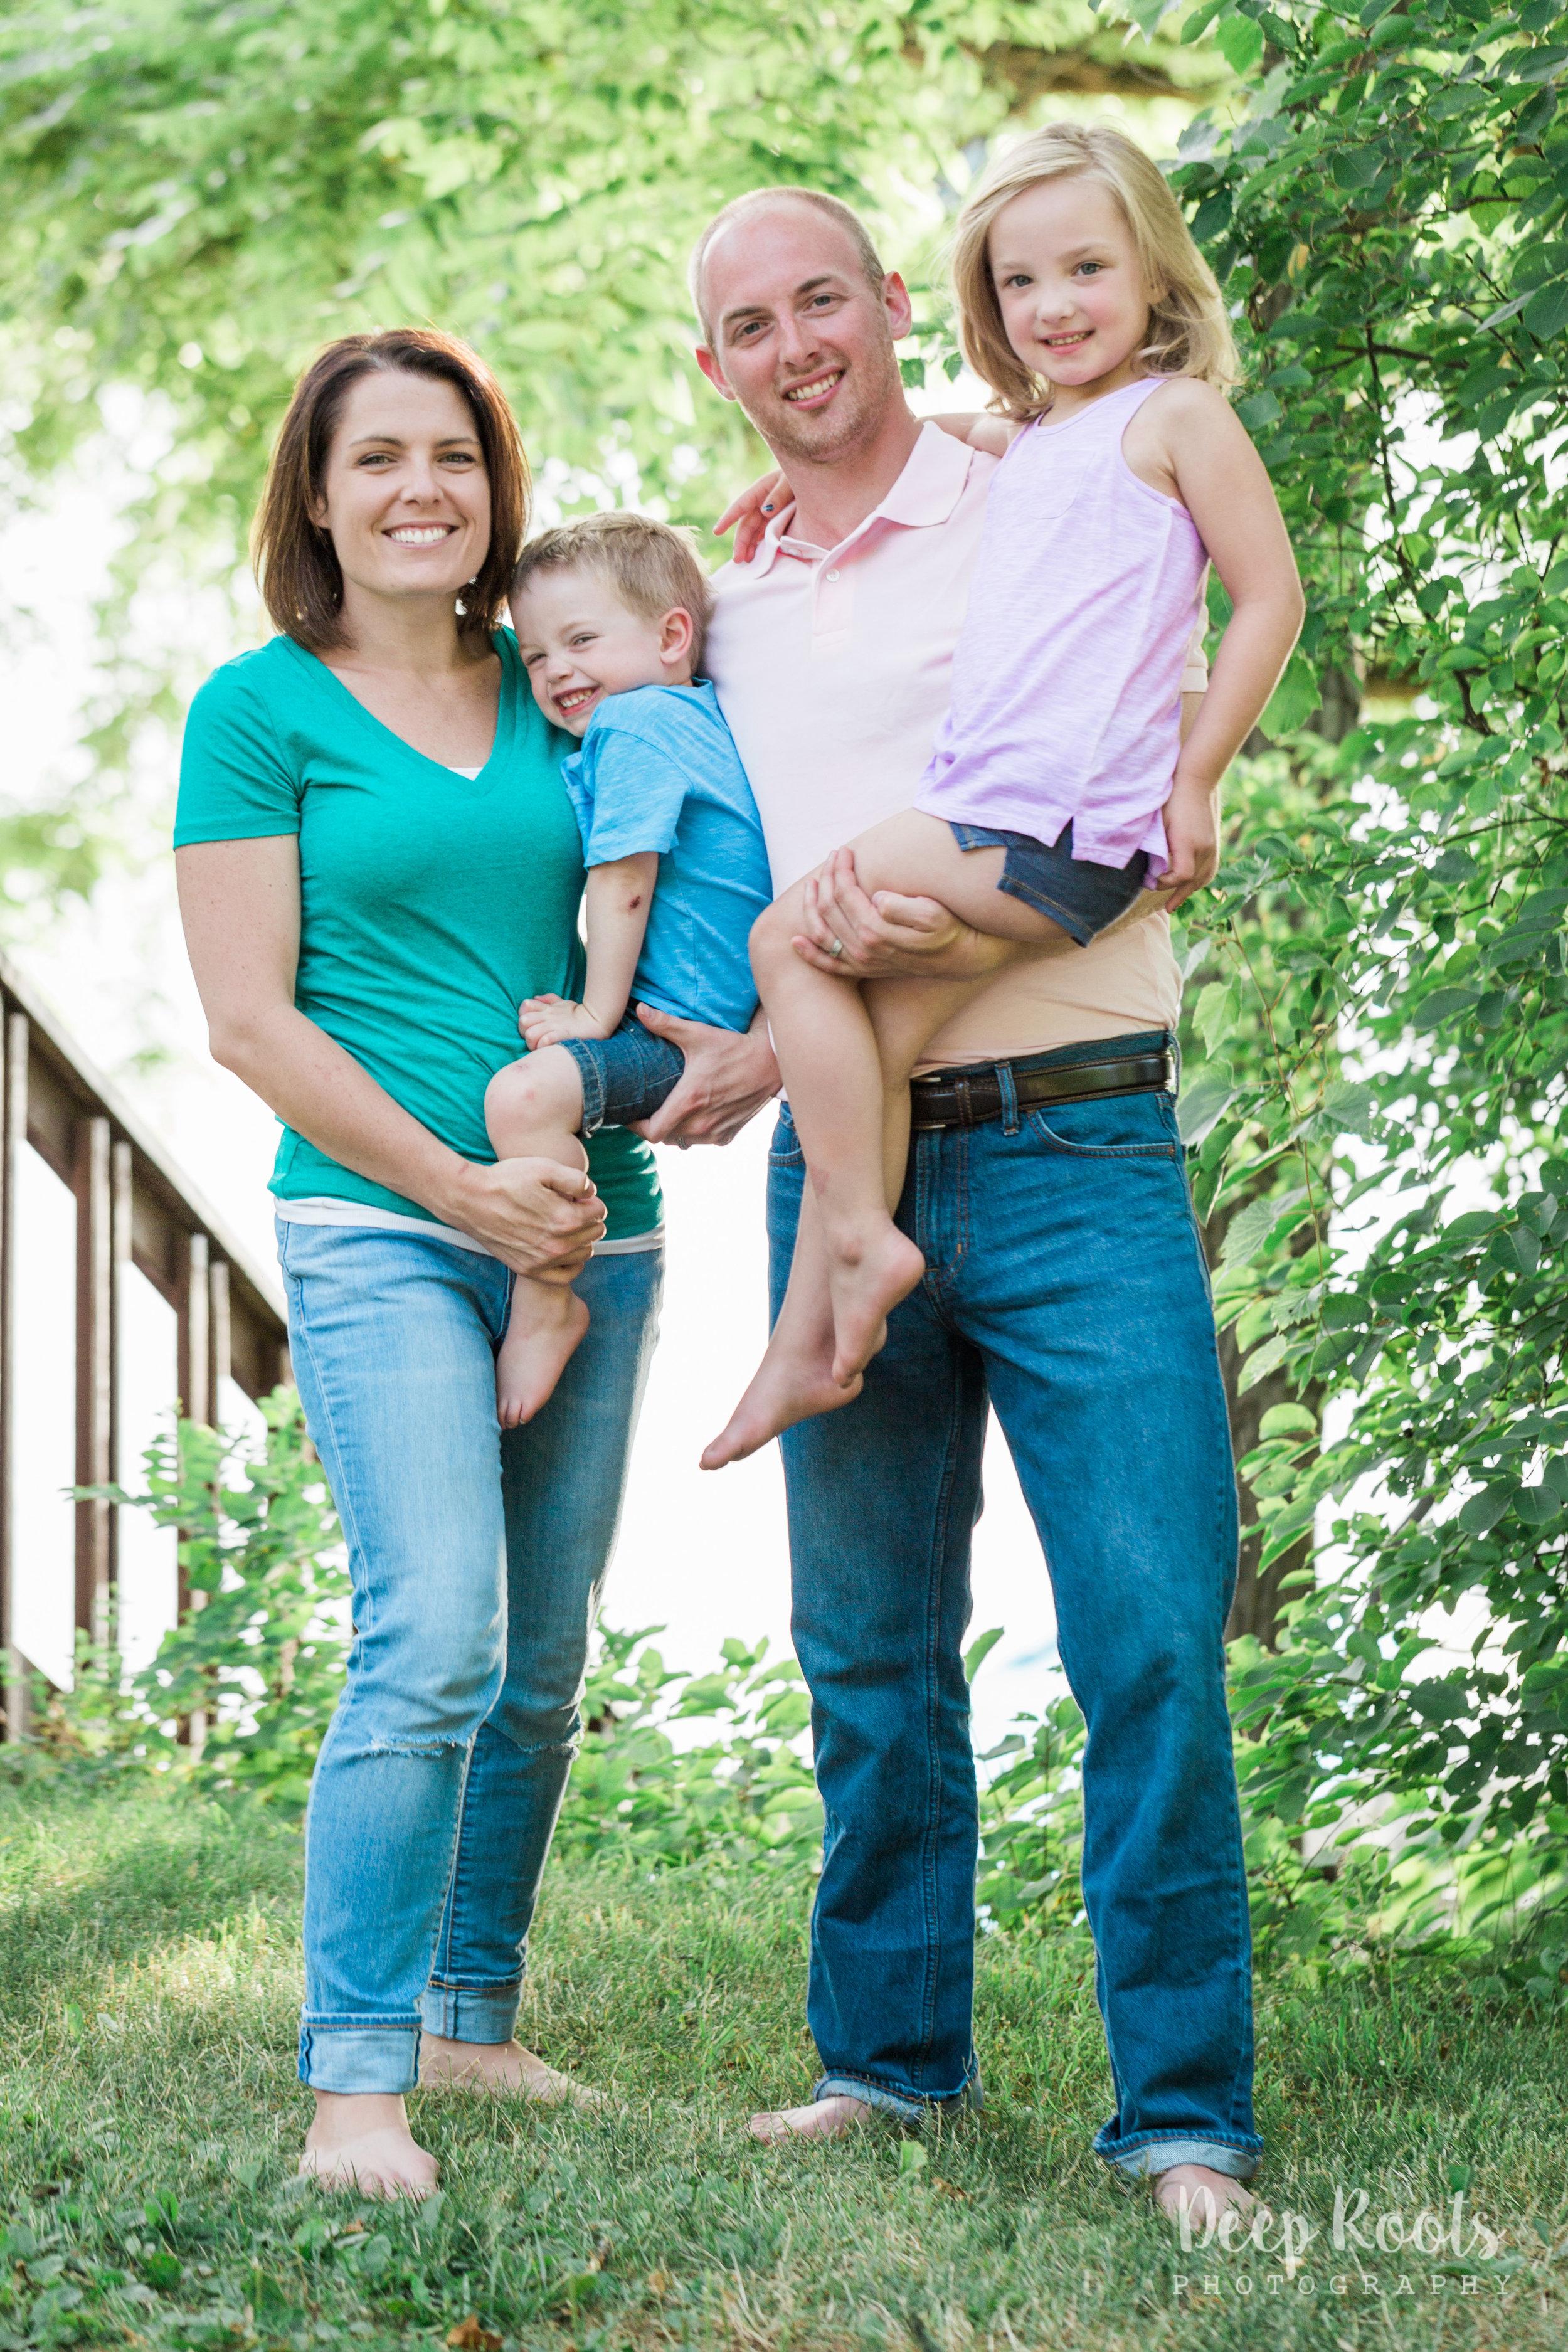 keukalakefamilyphotos-4.jpg